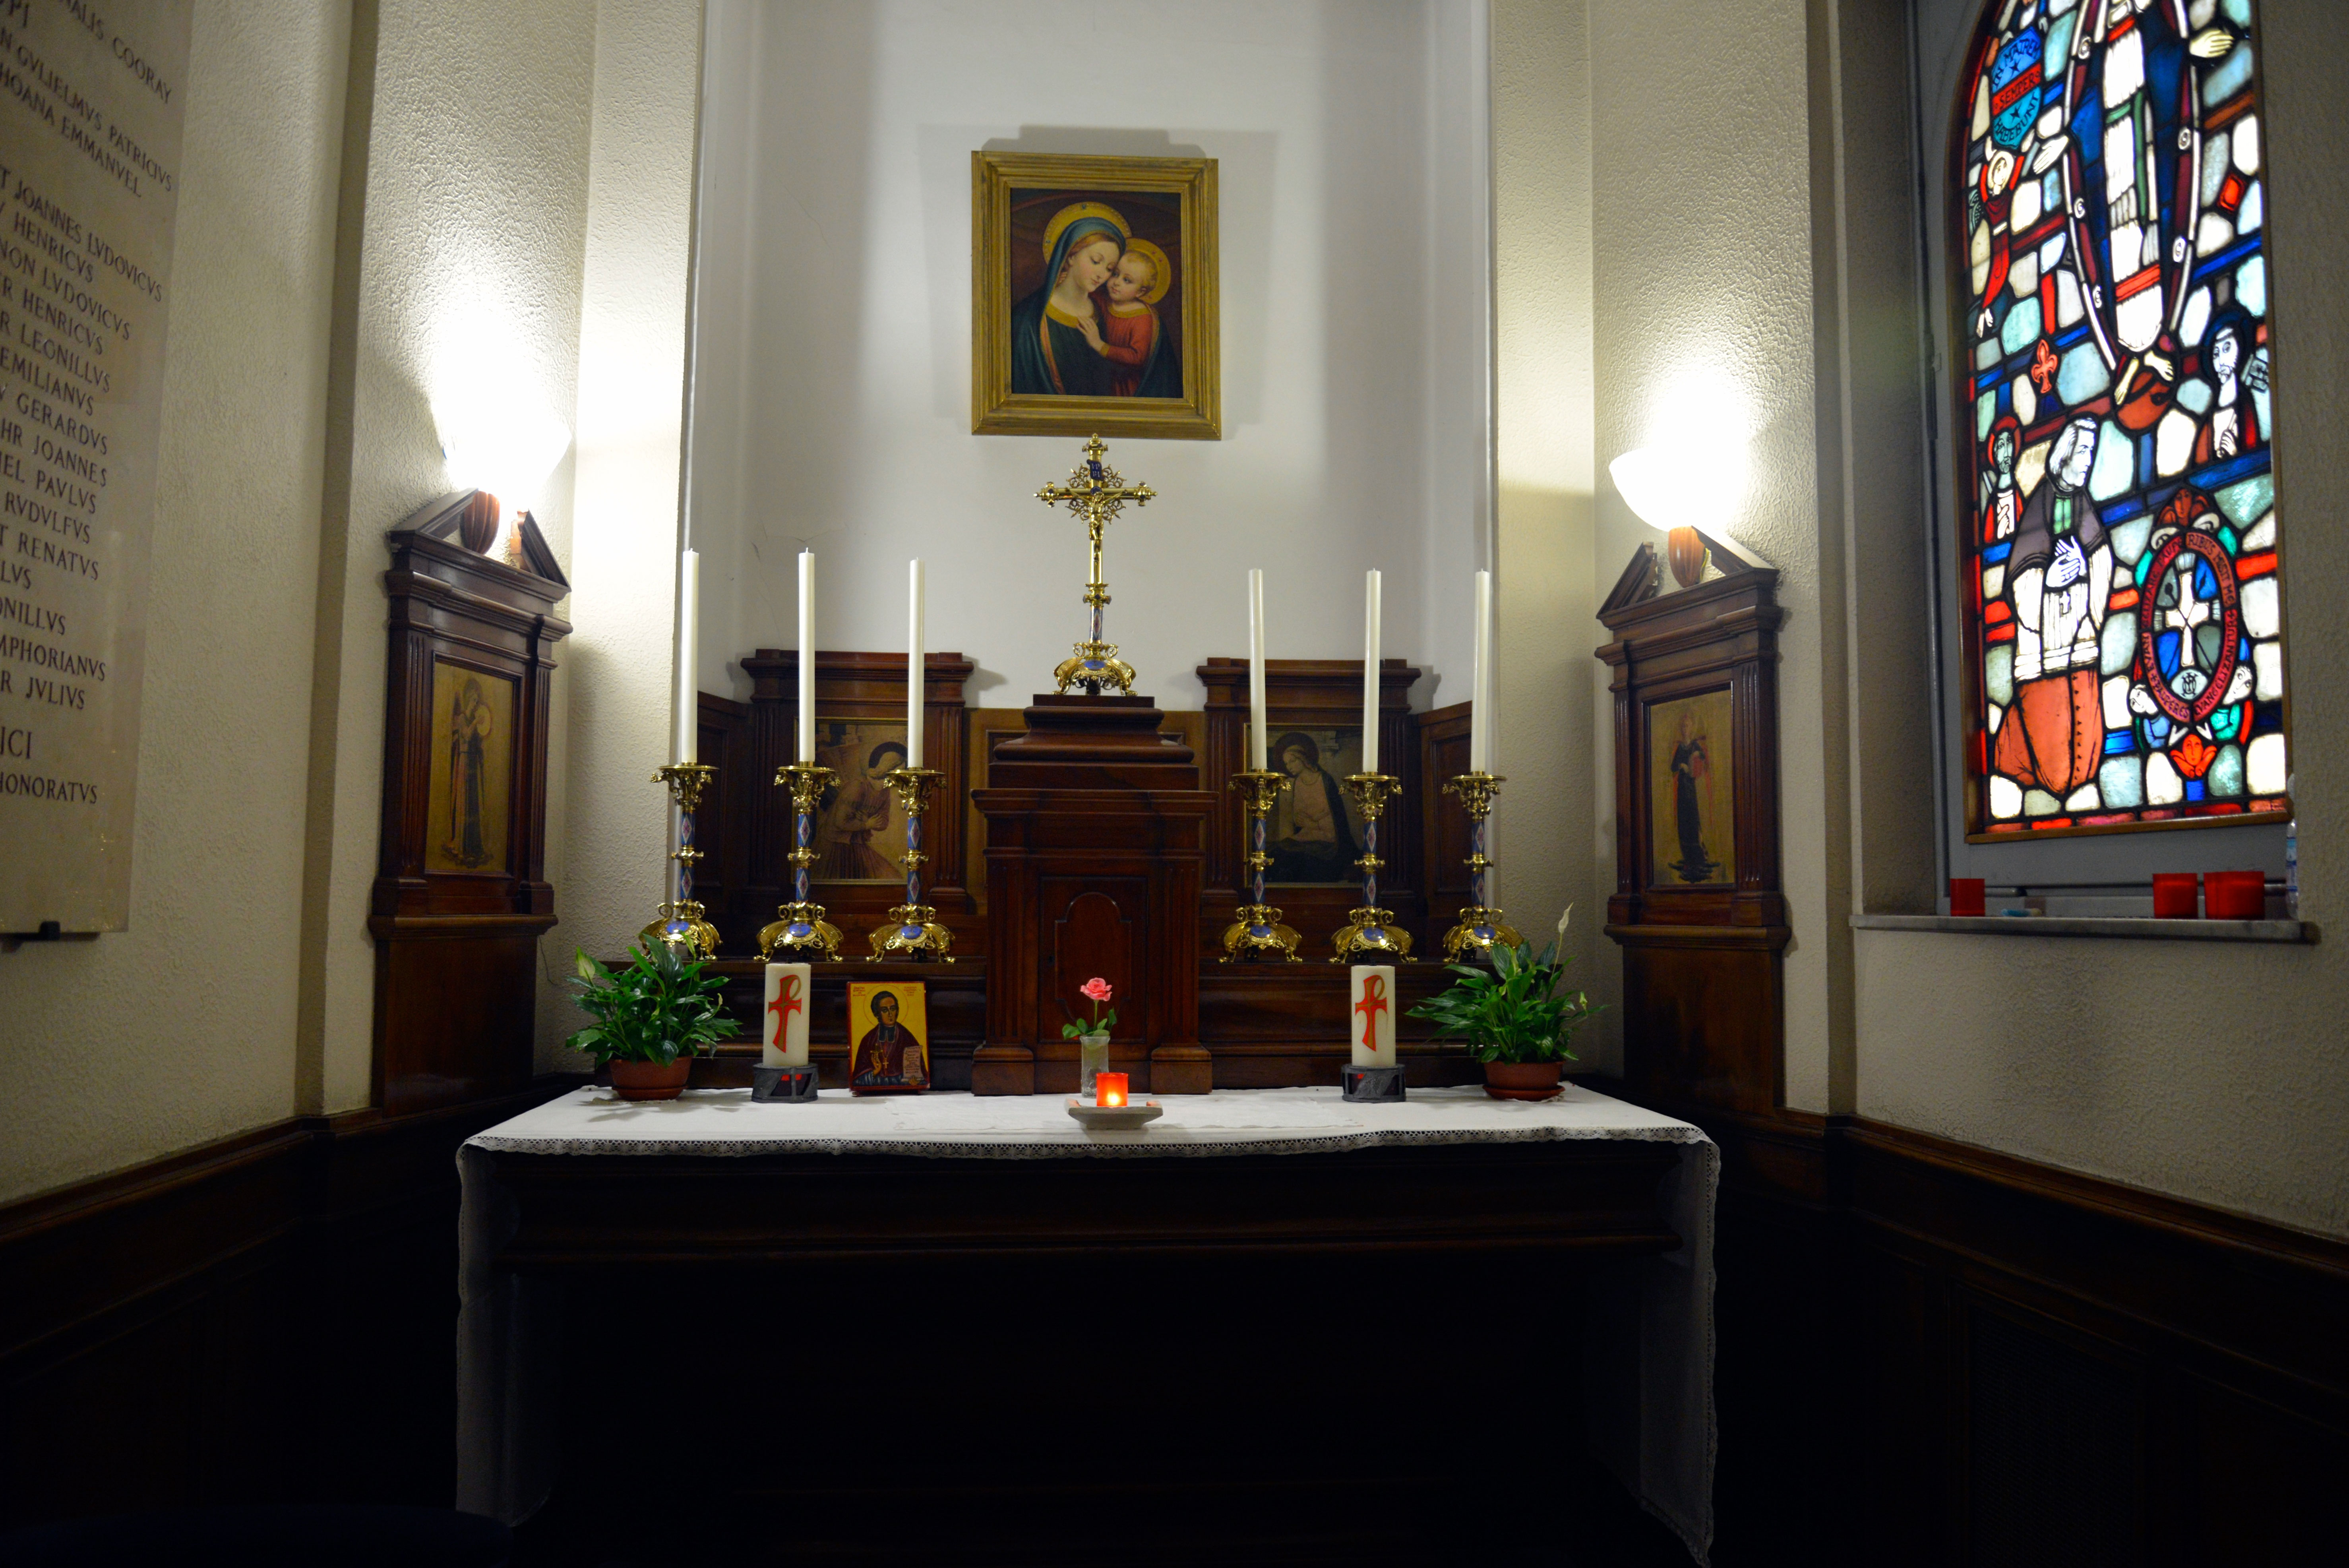 St. Eugene de Mazenod - Relics